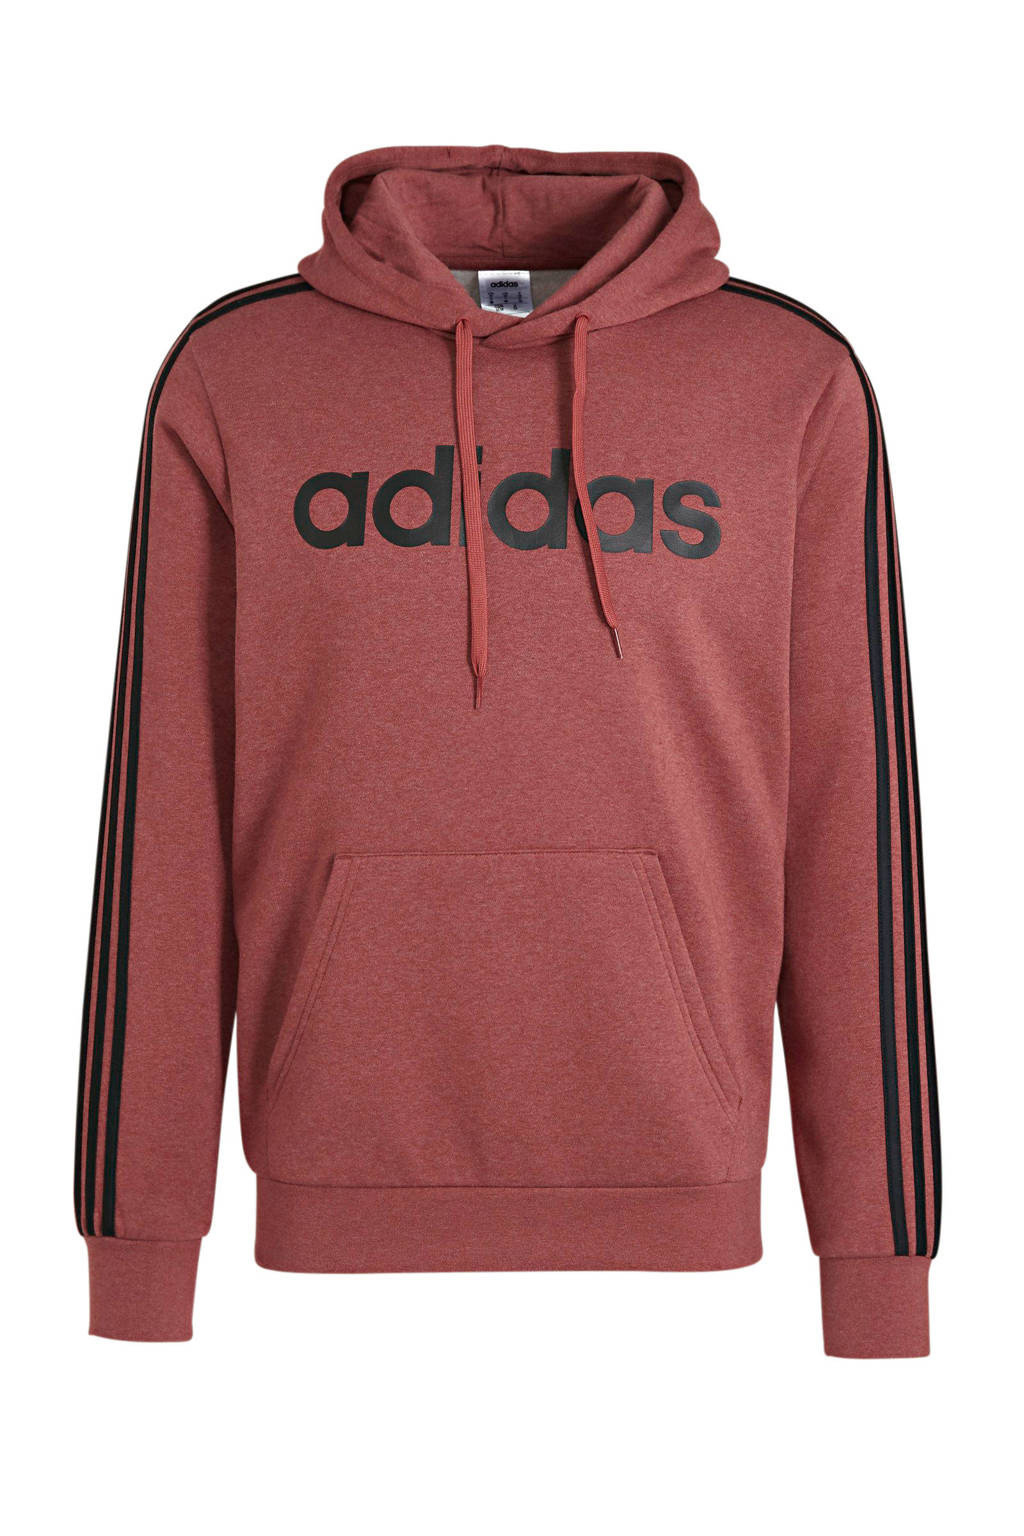 adidas Performance   sportsweater rood, Rood